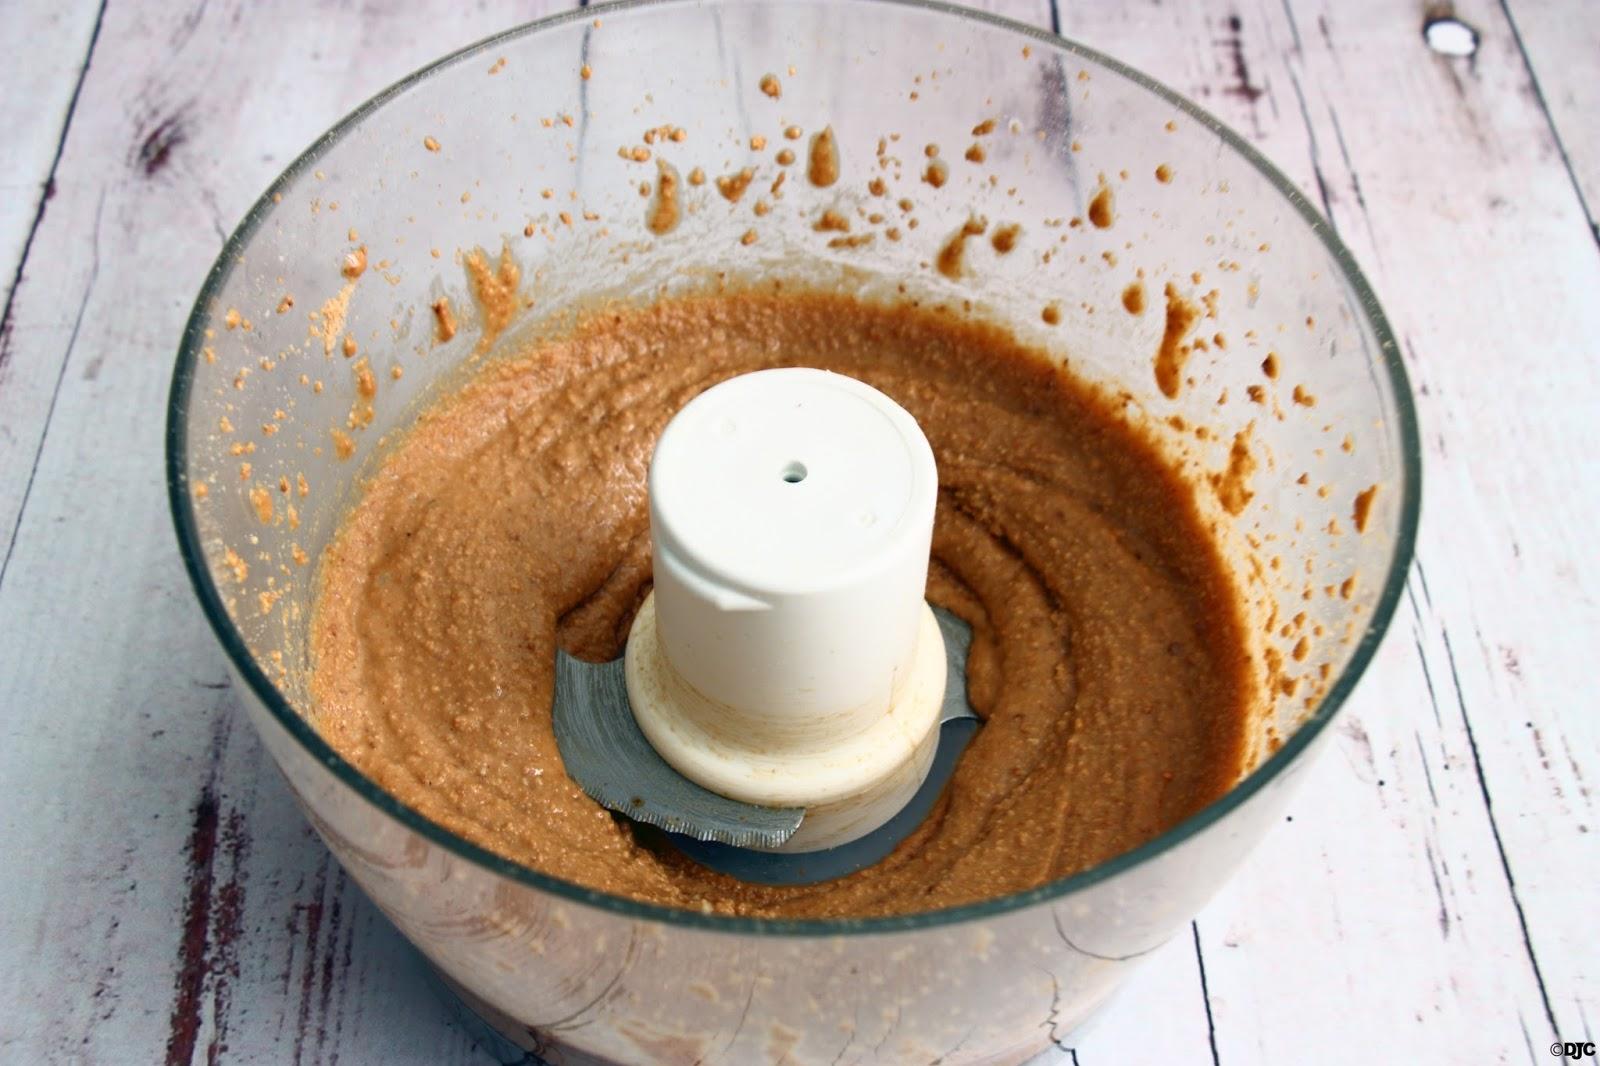 שושני בריוש במילוי ממרח קשיו ושוקולד